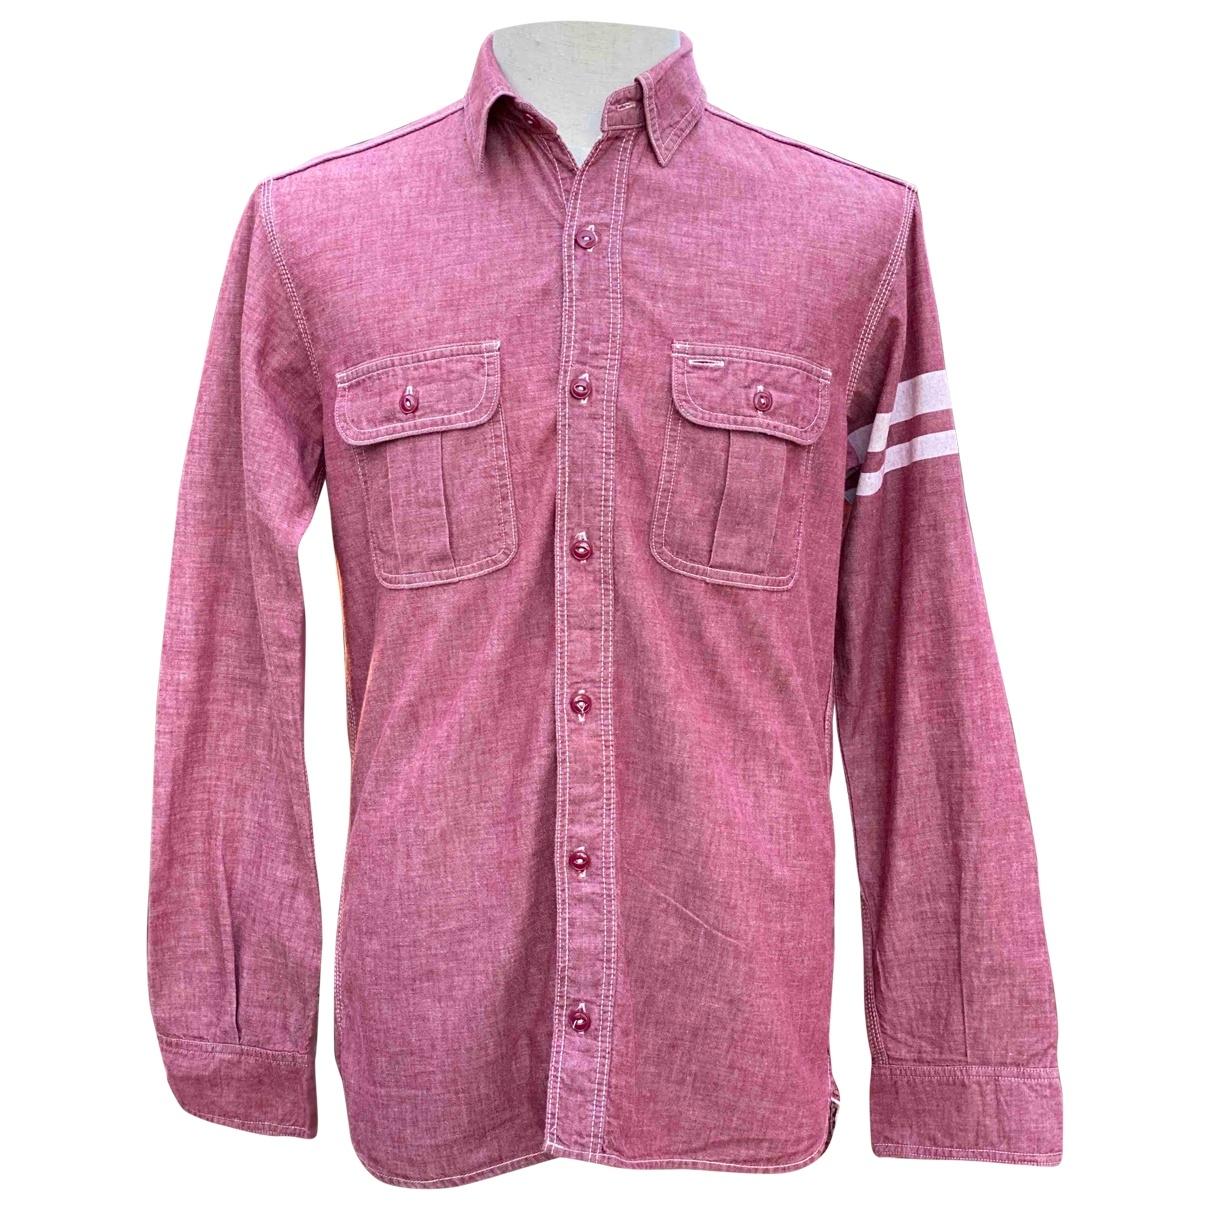 Momotaro \N Red Cotton Shirts for Men 42 EU (tour de cou / collar)